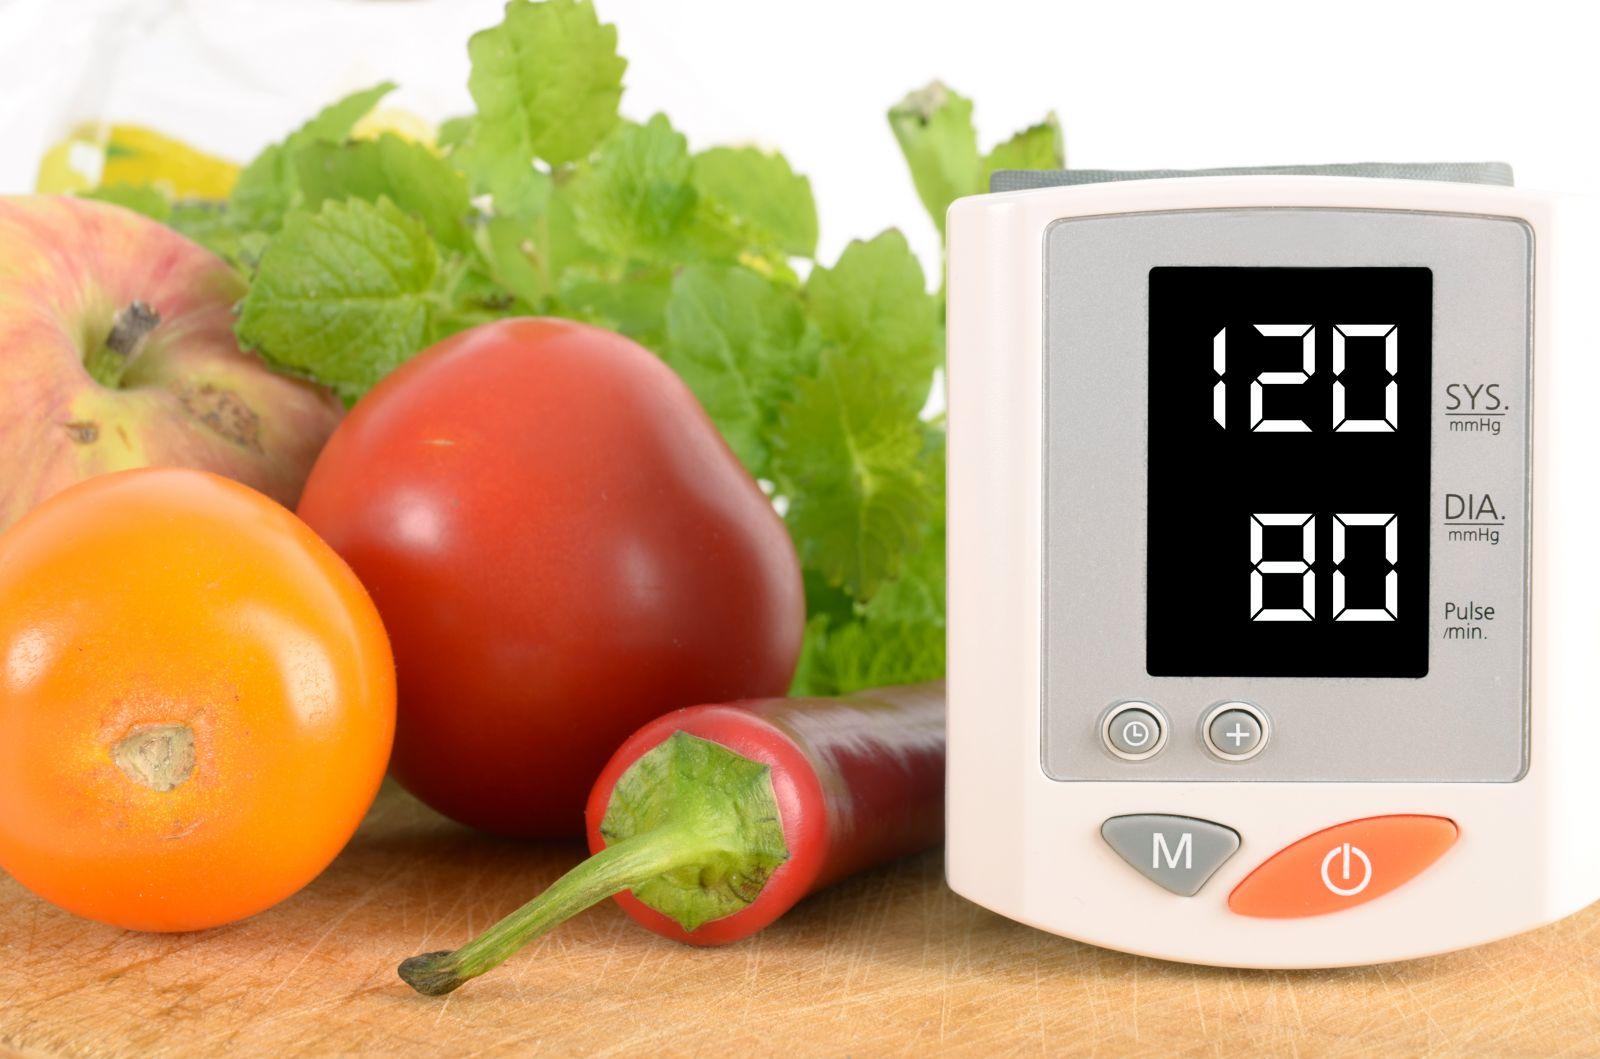 gyógyszer magas vérnyomás neveknél lang magas vérnyomás kezelés